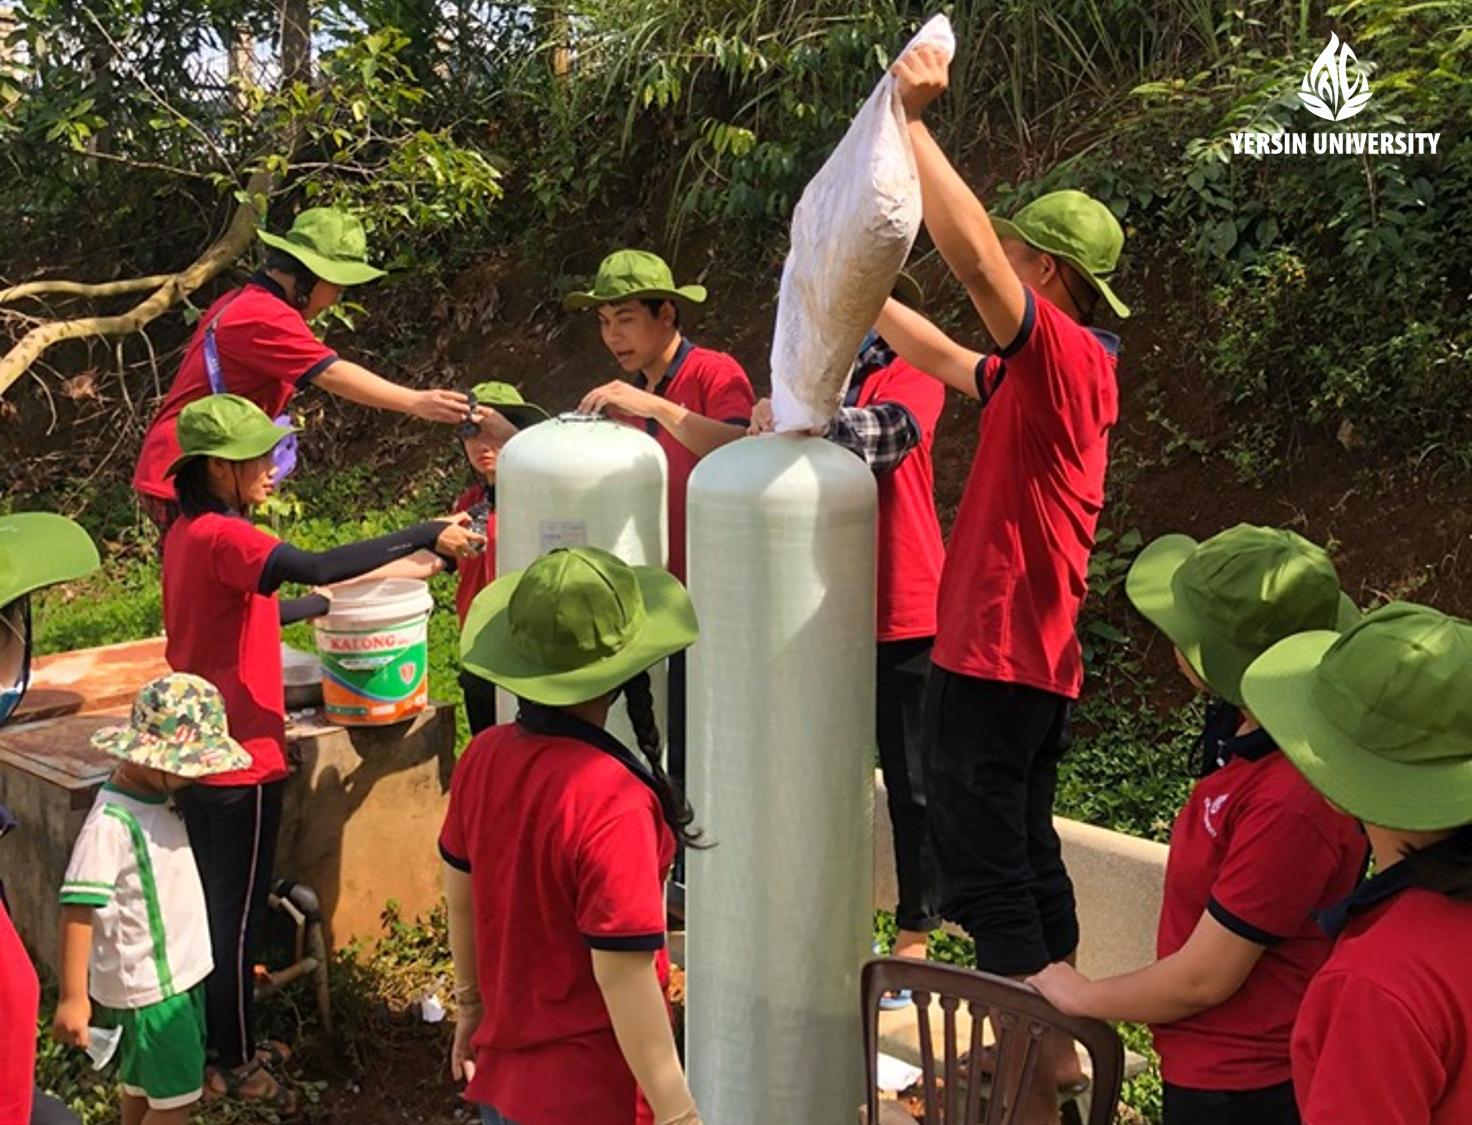 Chiến dịch tình nguyện hè 2019, Mùa hè xanh, Đại học Yersin Đà Lạt